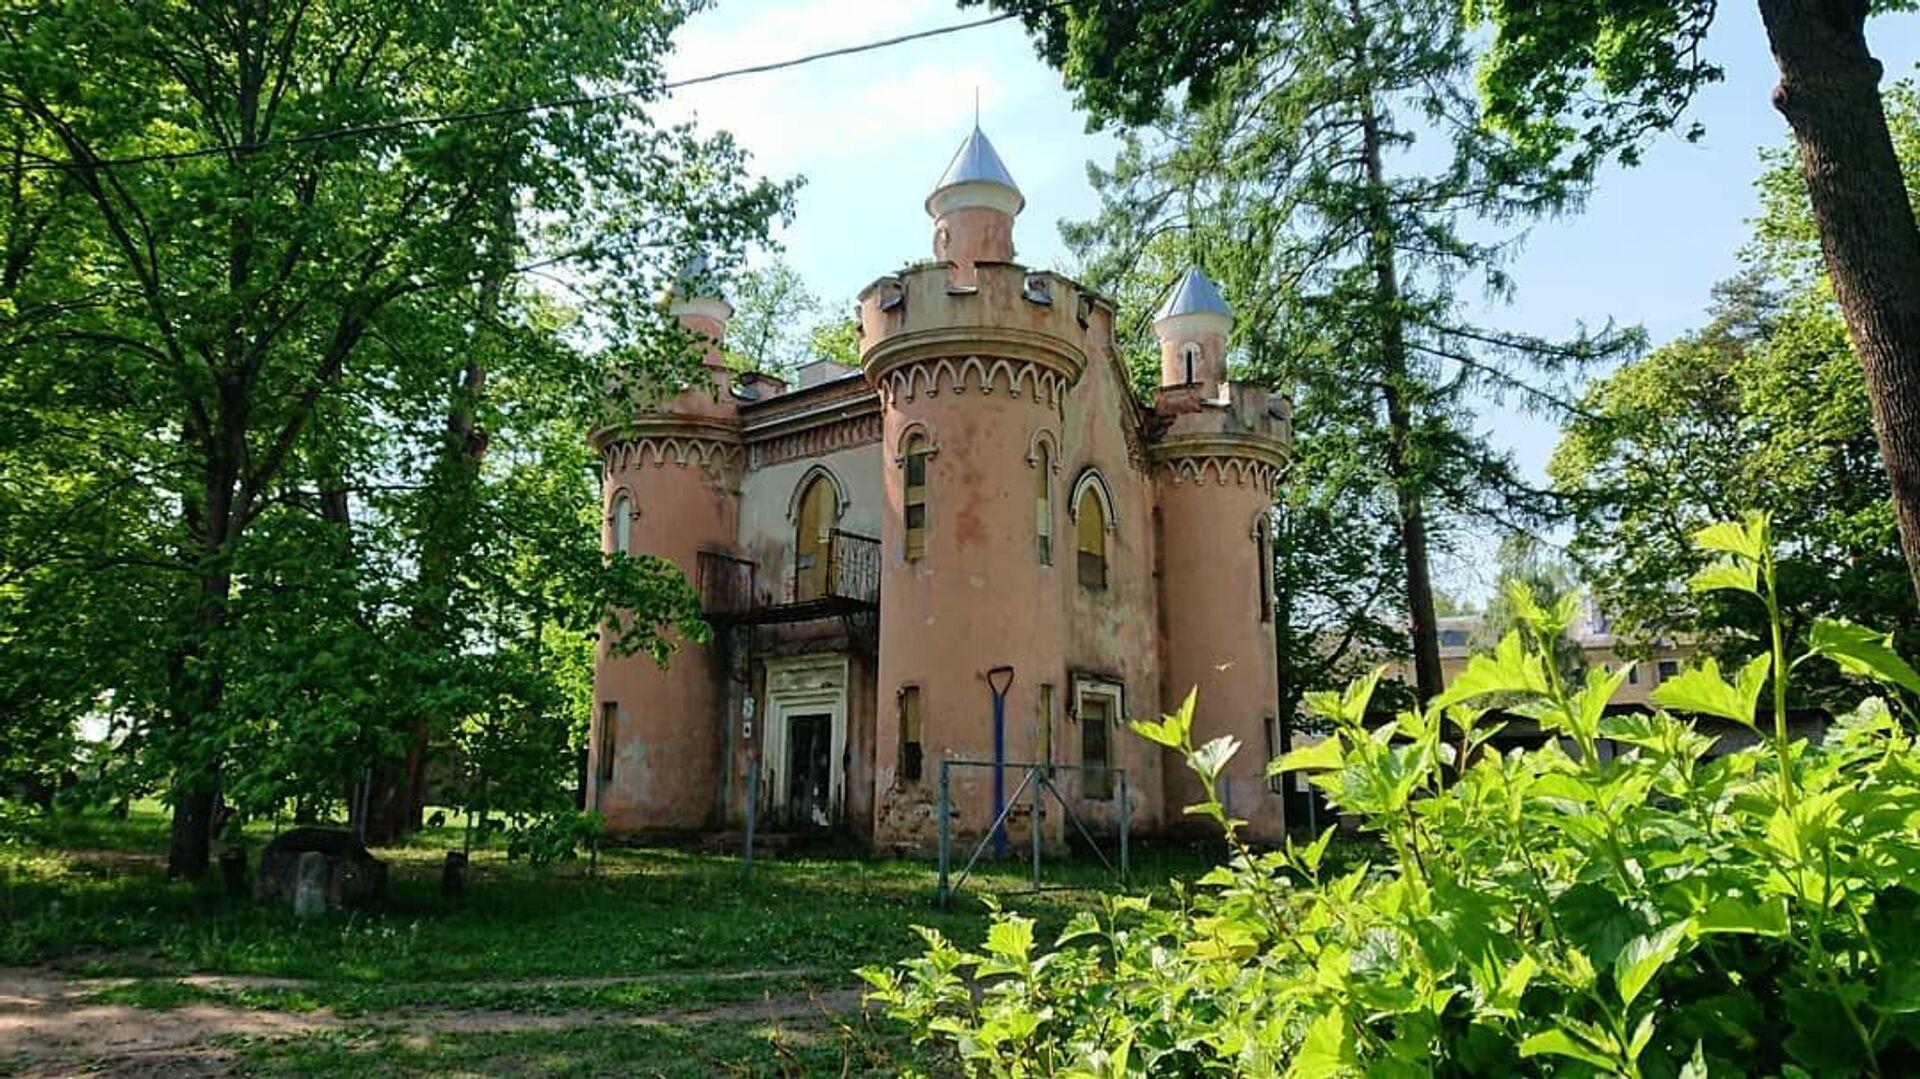 Миниатюрный замок Скарбница - Sputnik Беларусь, 1920, 29.06.2021